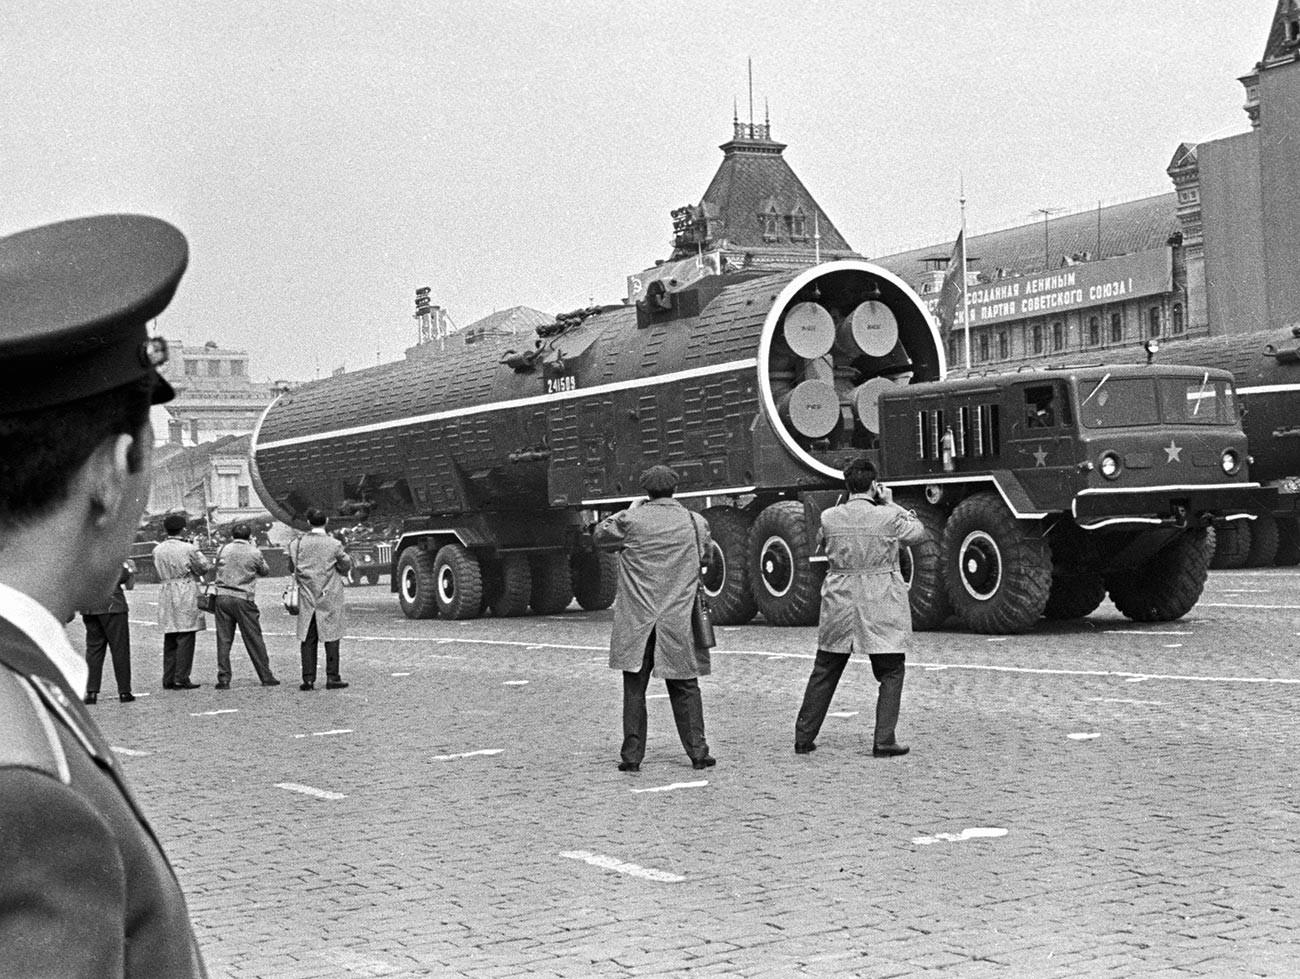 Парада на Црвеном тргу поводом 20-годишњице победе над нацистичком Немачком.